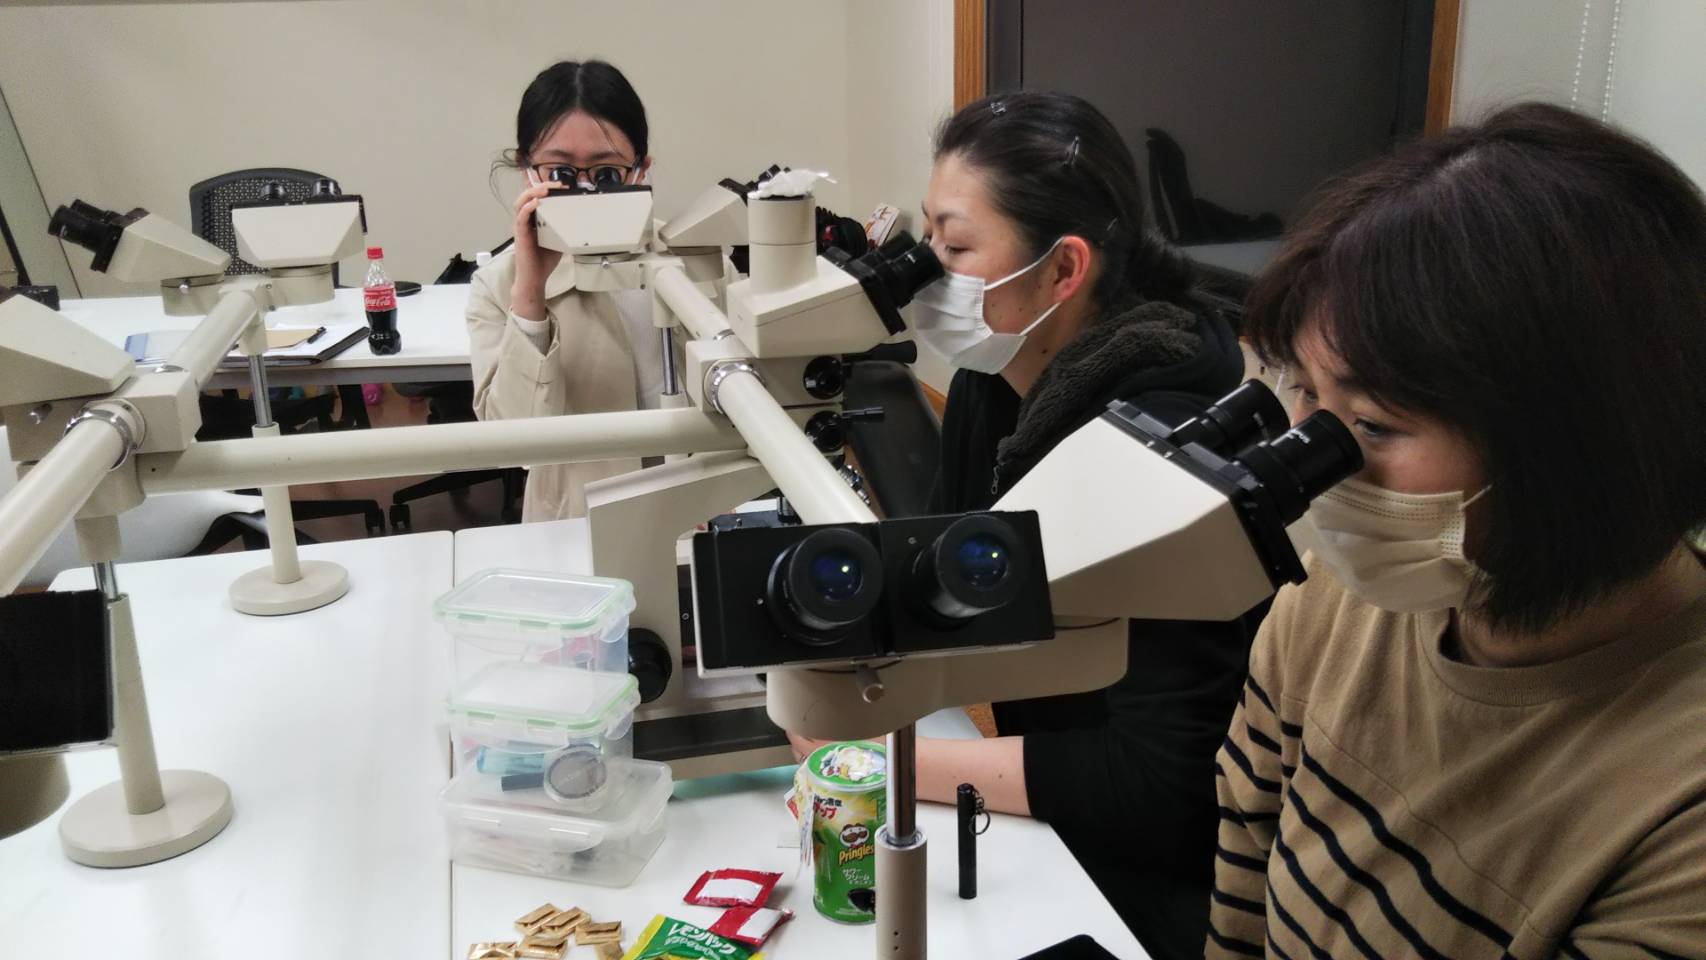 【臨床病理科】4月勉強会 ~看護師も日々研鑽~|りんごの樹動物病院 | 愛知県安城市の動物病院です